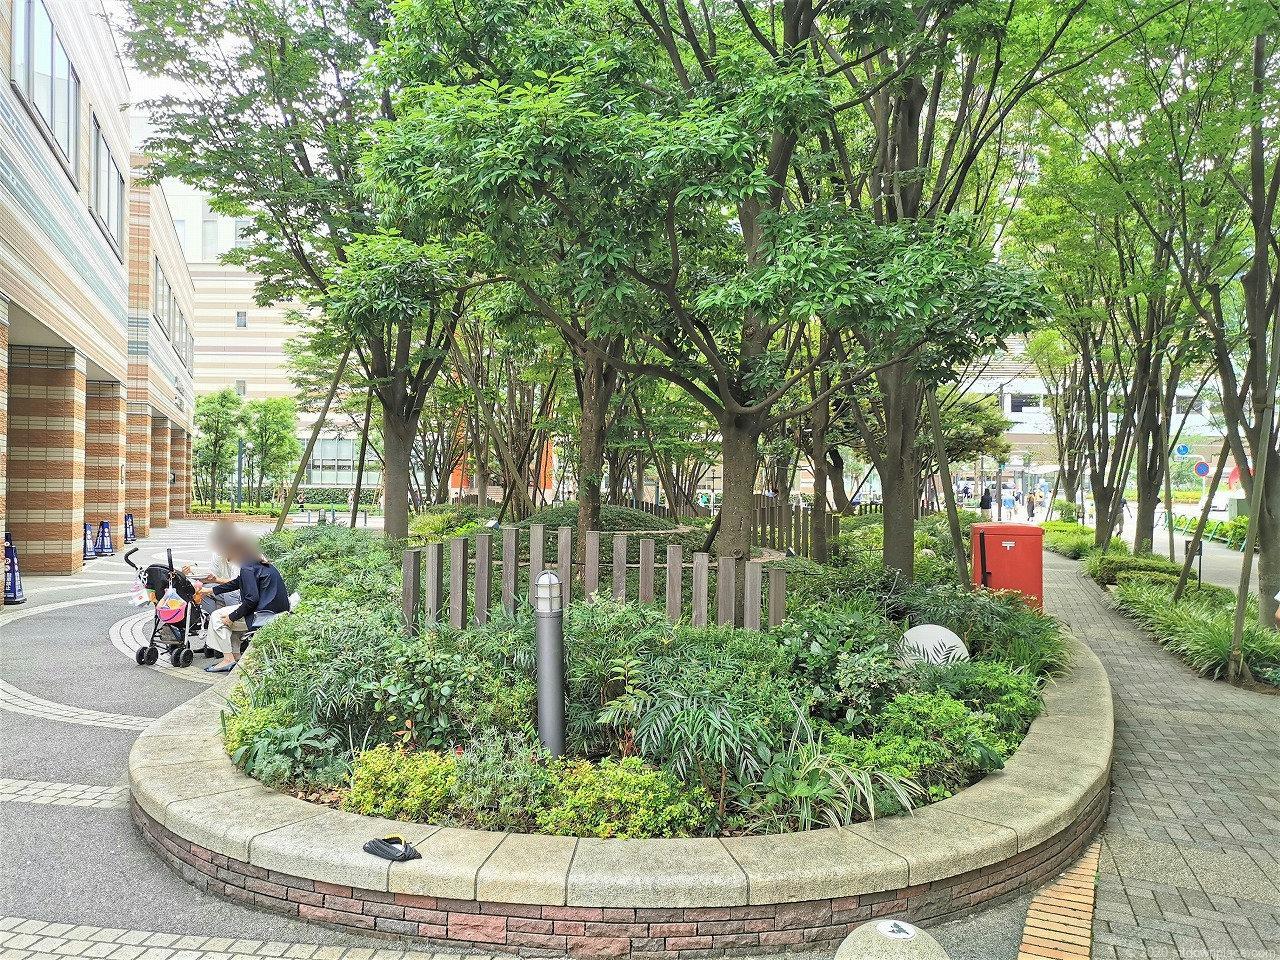 武蔵小杉 ミッドスカイタワー 波紋の広場休憩場所の石材ベンチ